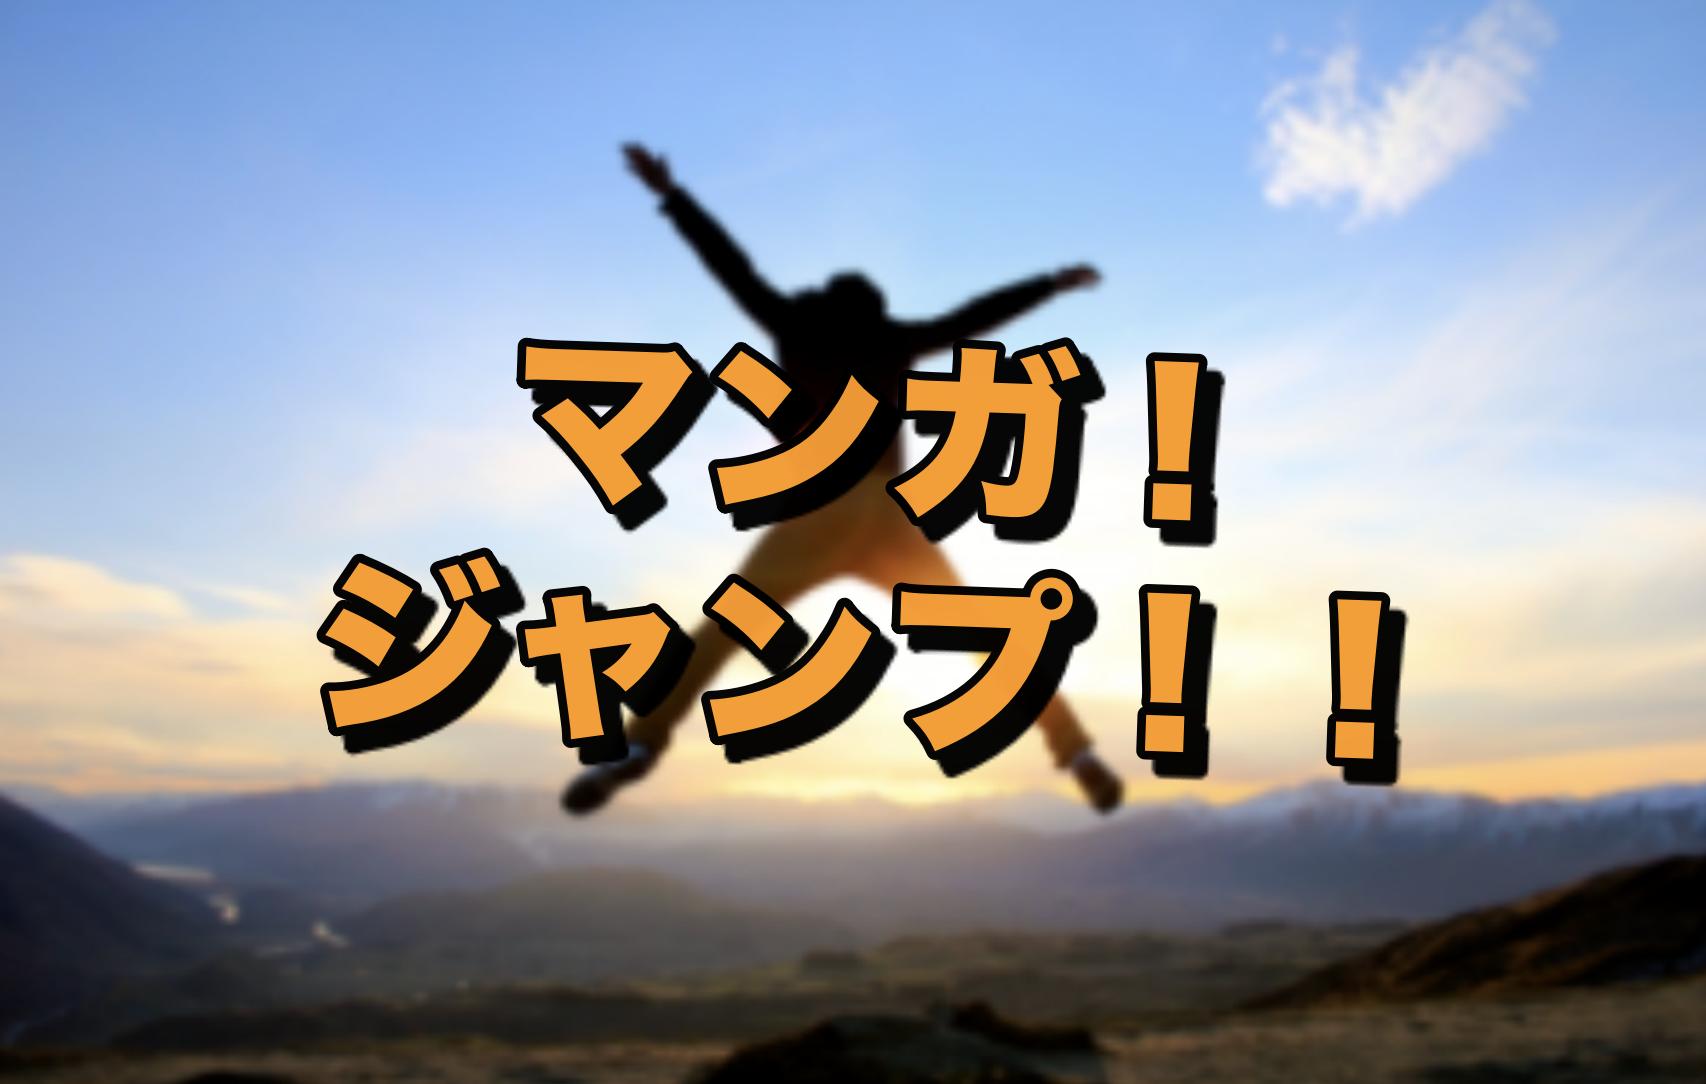 【マンガ】ジャンプまだ読んでますけど何か?